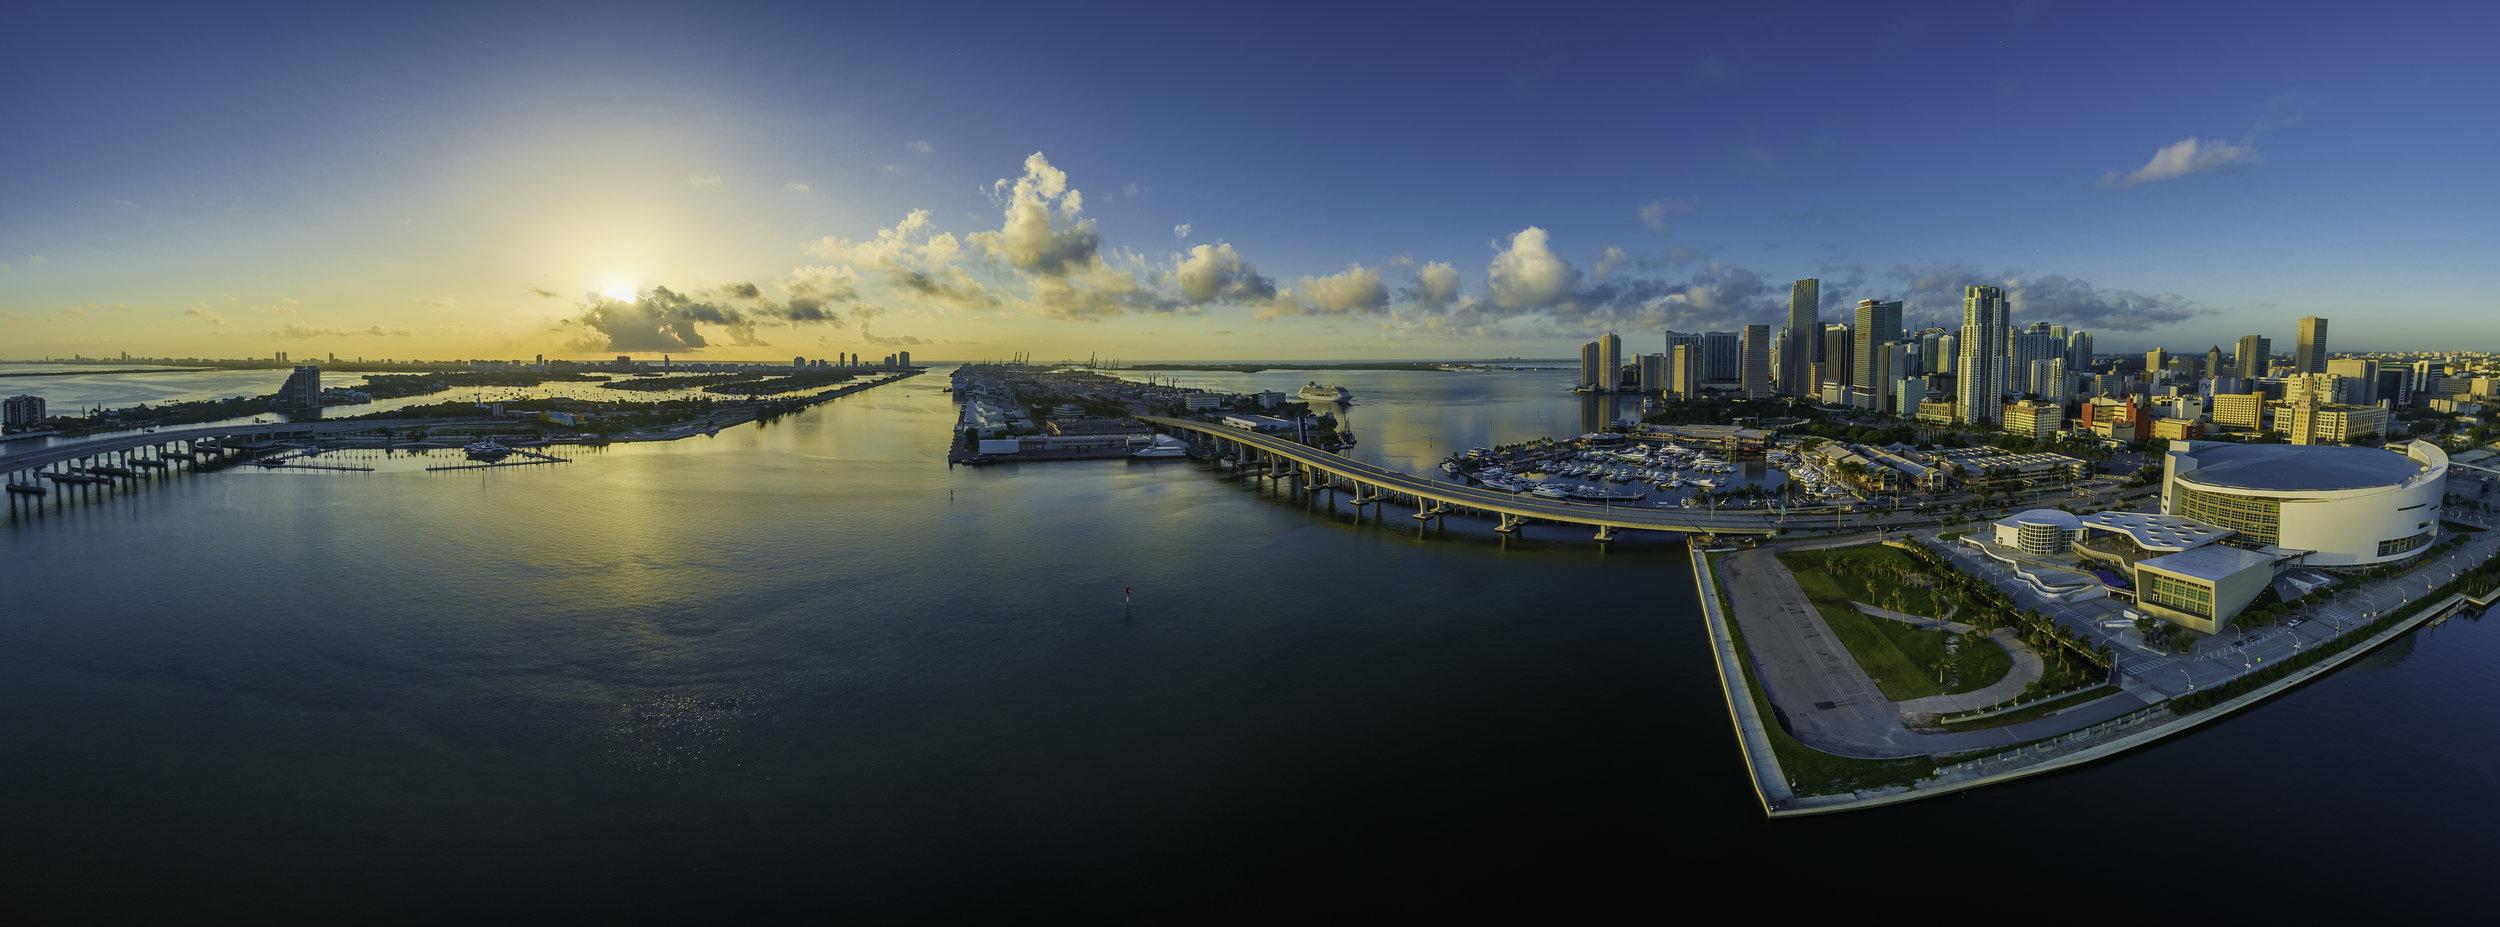 Miami - Una de las ciudades más vibrantes de los Estados Unidos